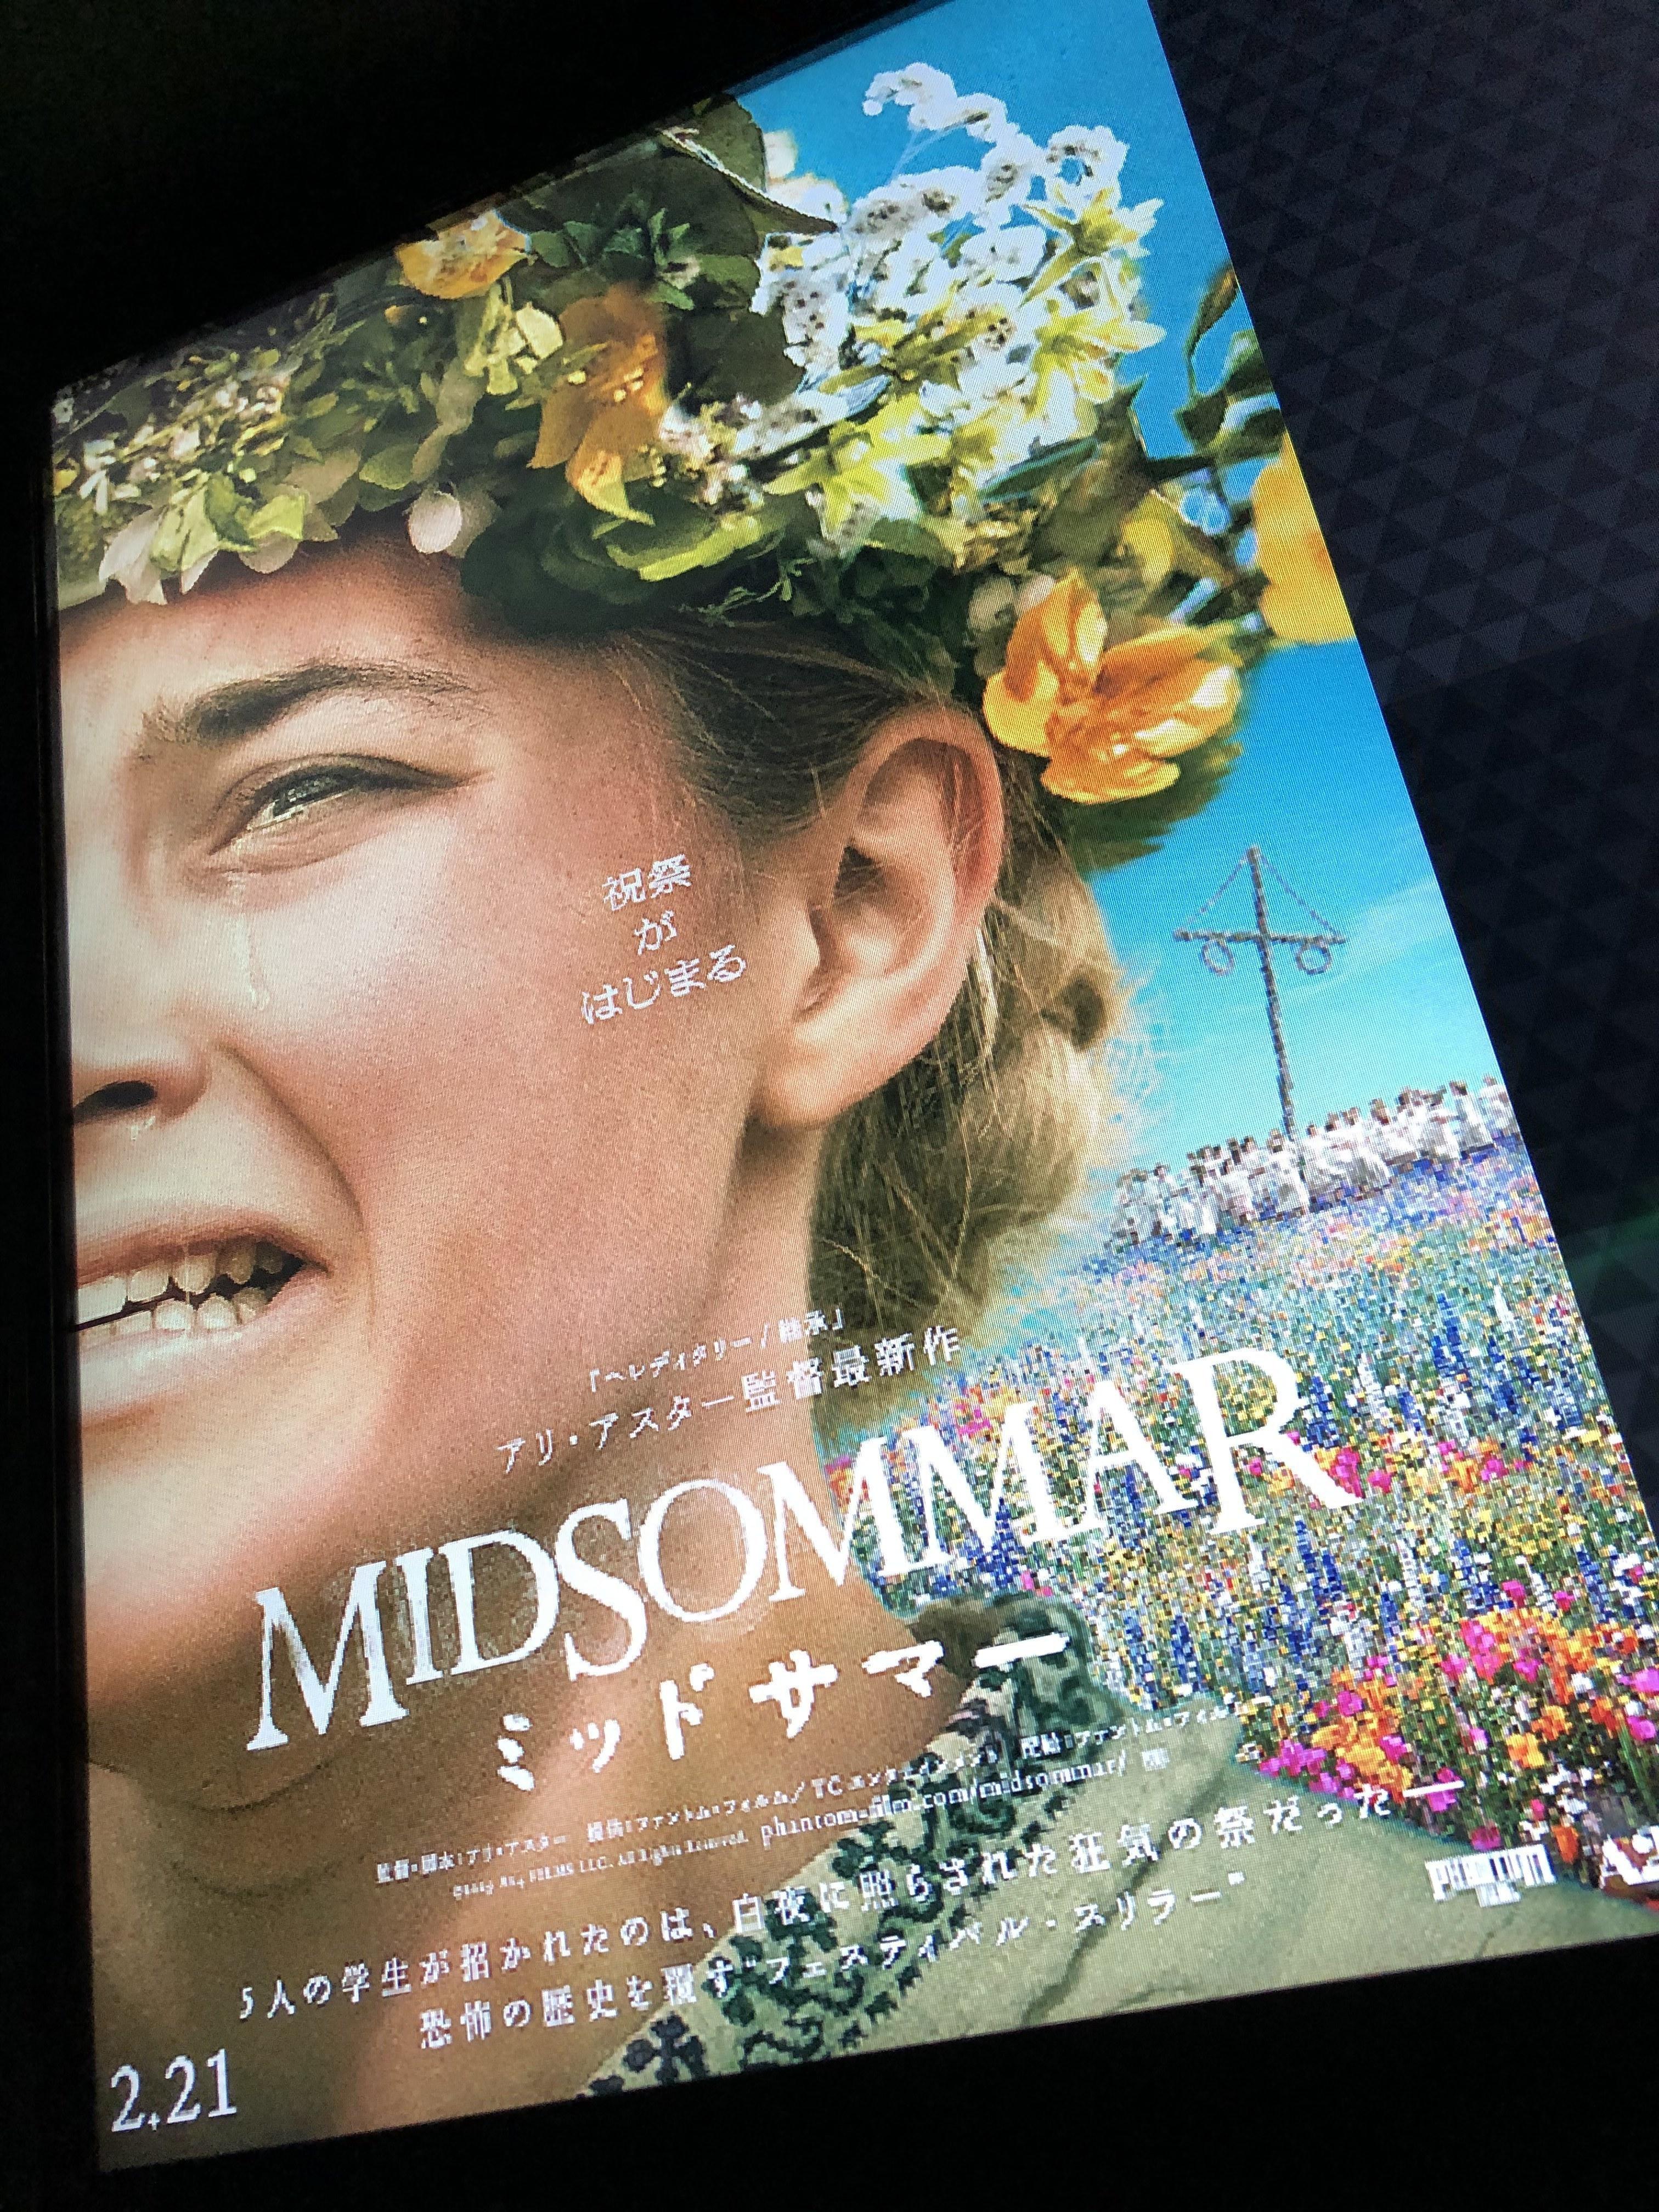 前作 ミッド サマー 「ミッドサマー」DVDレンタル開始日や発売日が決定